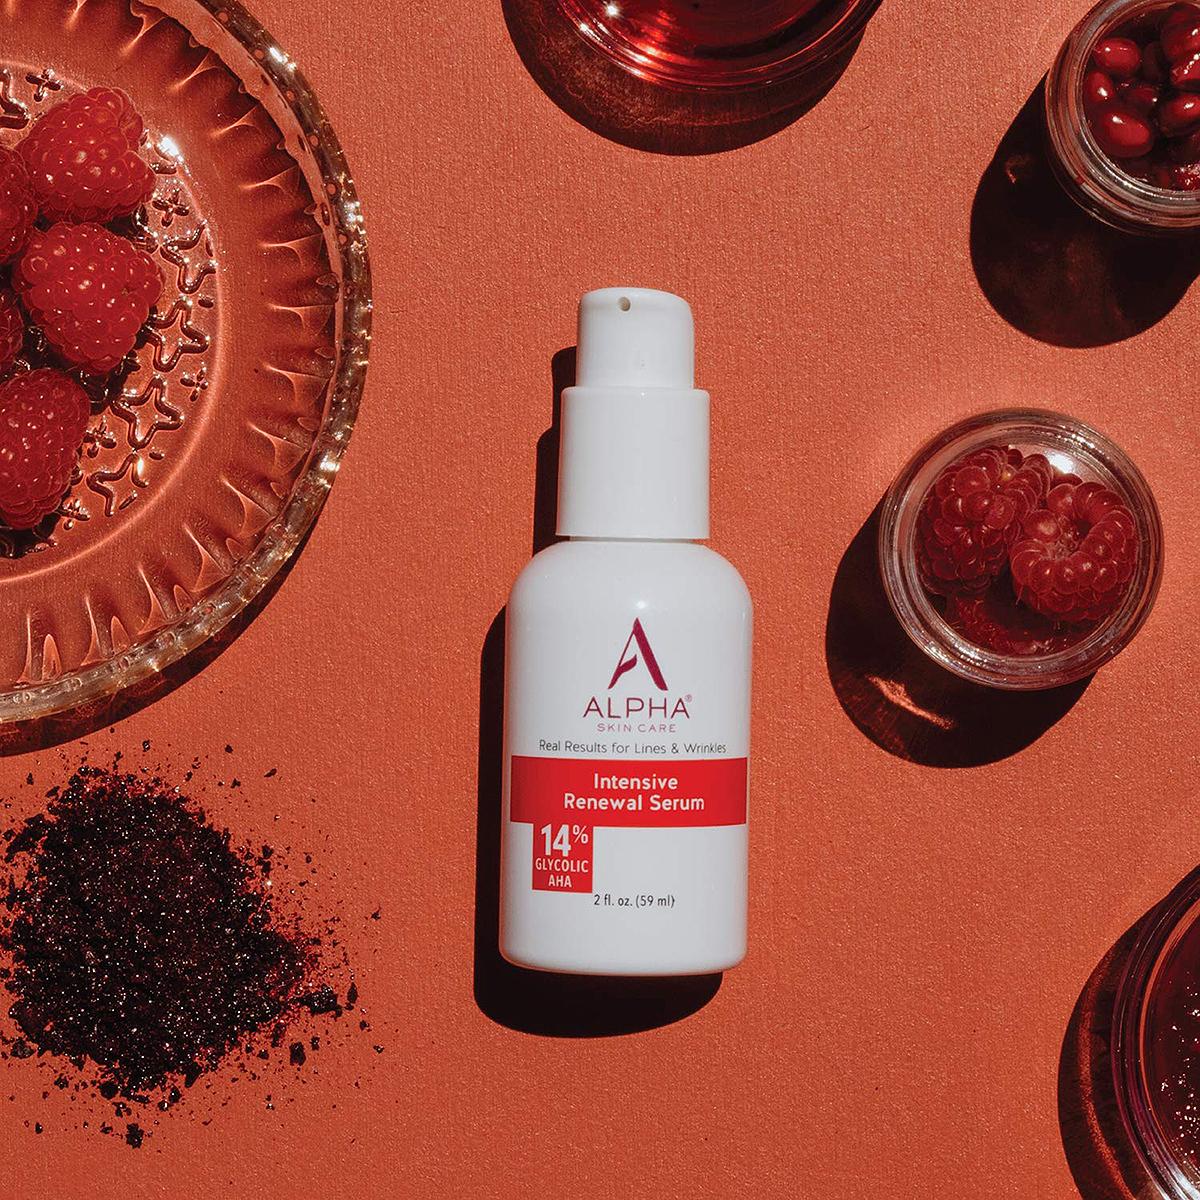 alpha-skin-care-anti-aging-serum